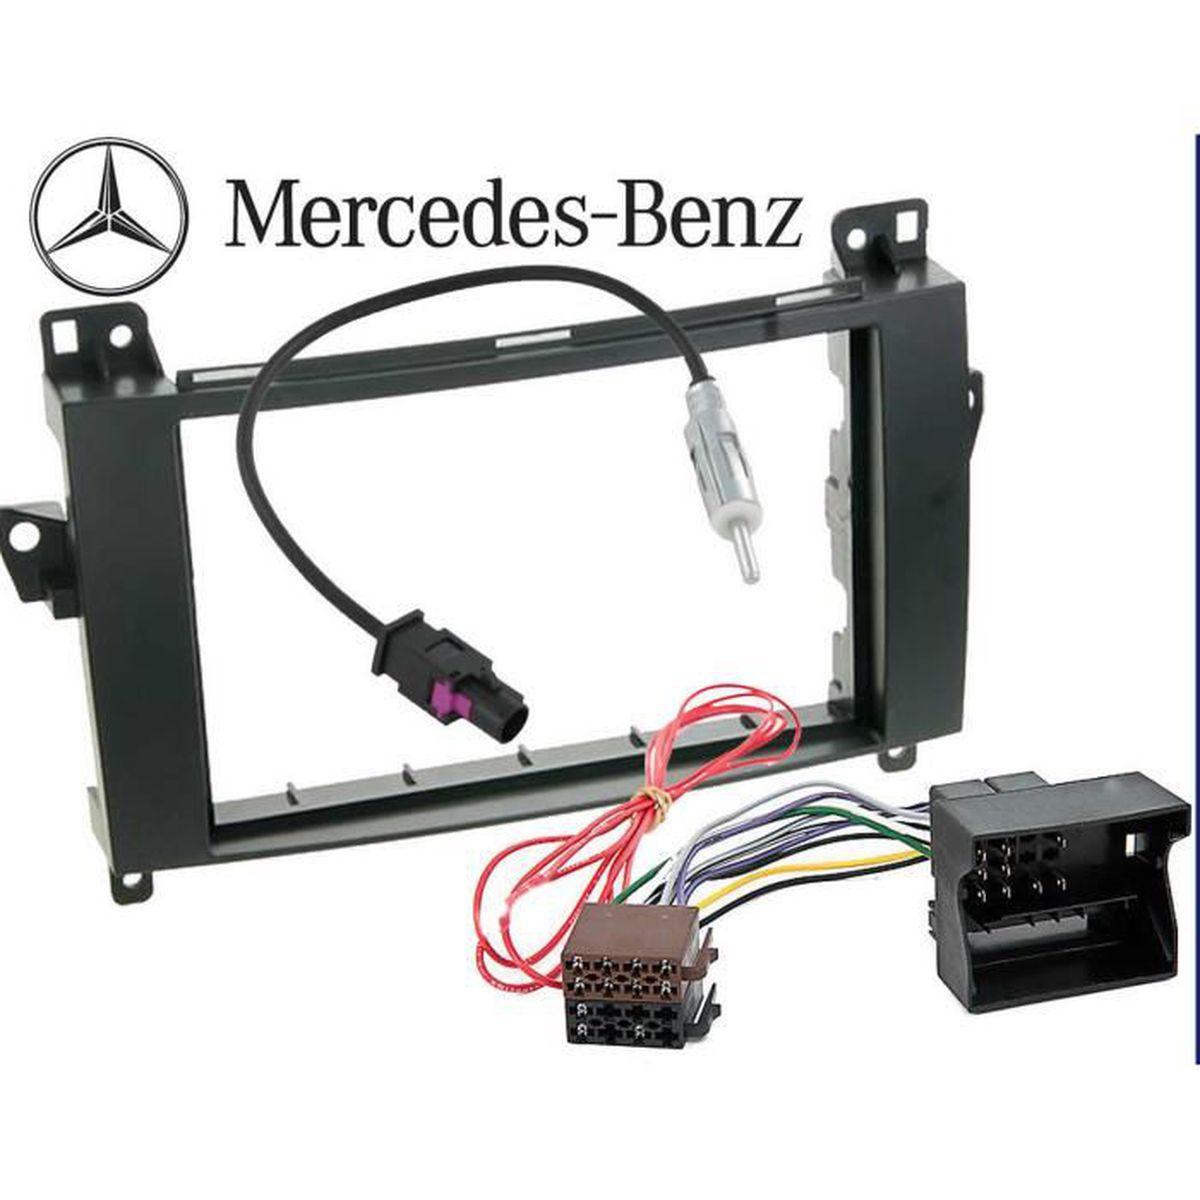 Kit Montage Adaptateur Cadre de Radio fa/çade autoradio 1 DIN Smart Car ForTwo Gris